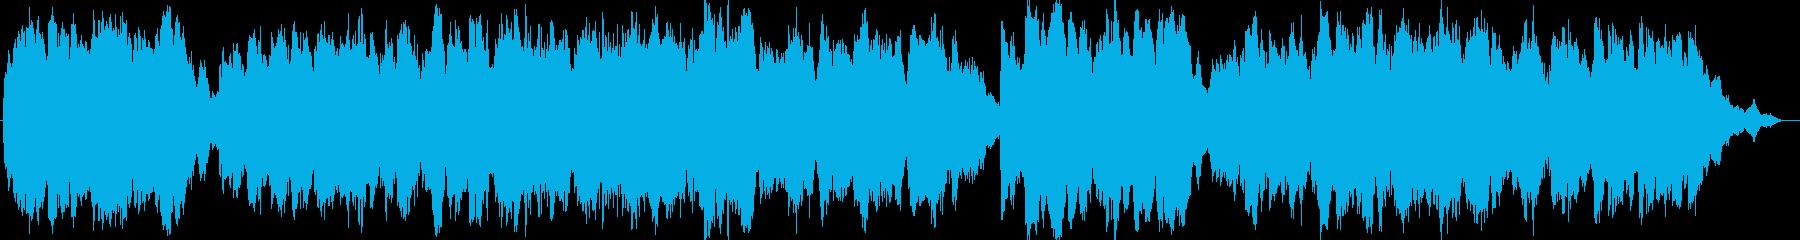 涼しげなシンセのヒーリングミュージックの再生済みの波形